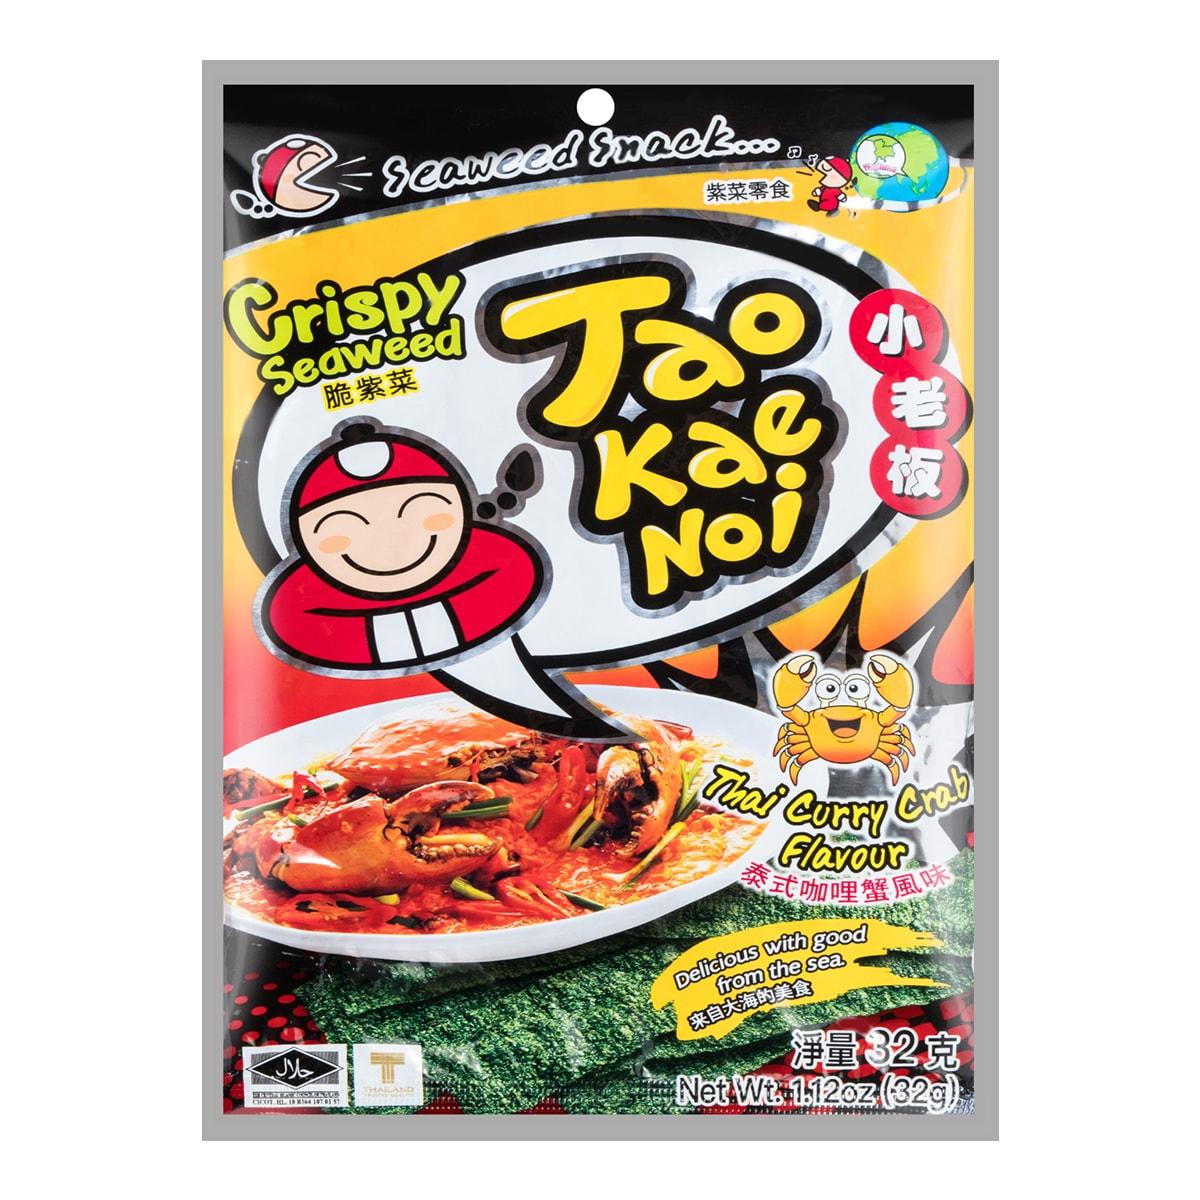 TAO KAE NOI Sriracha Thai Curry Crab Flavor 32g